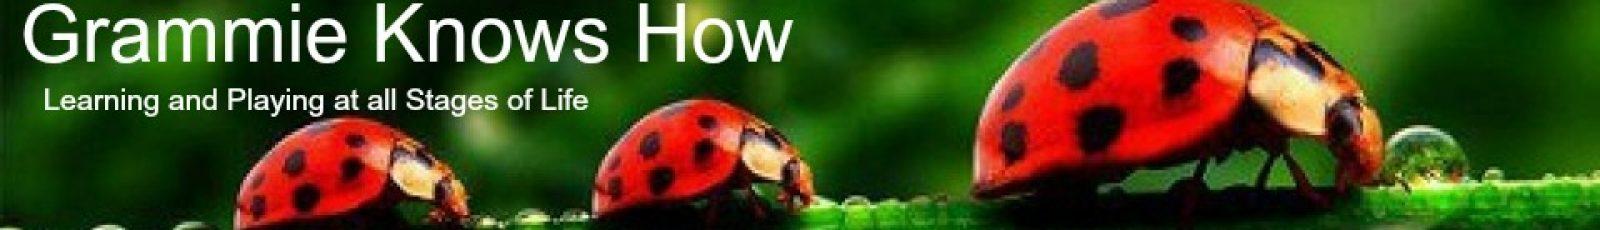 www.grammieknowshow.com